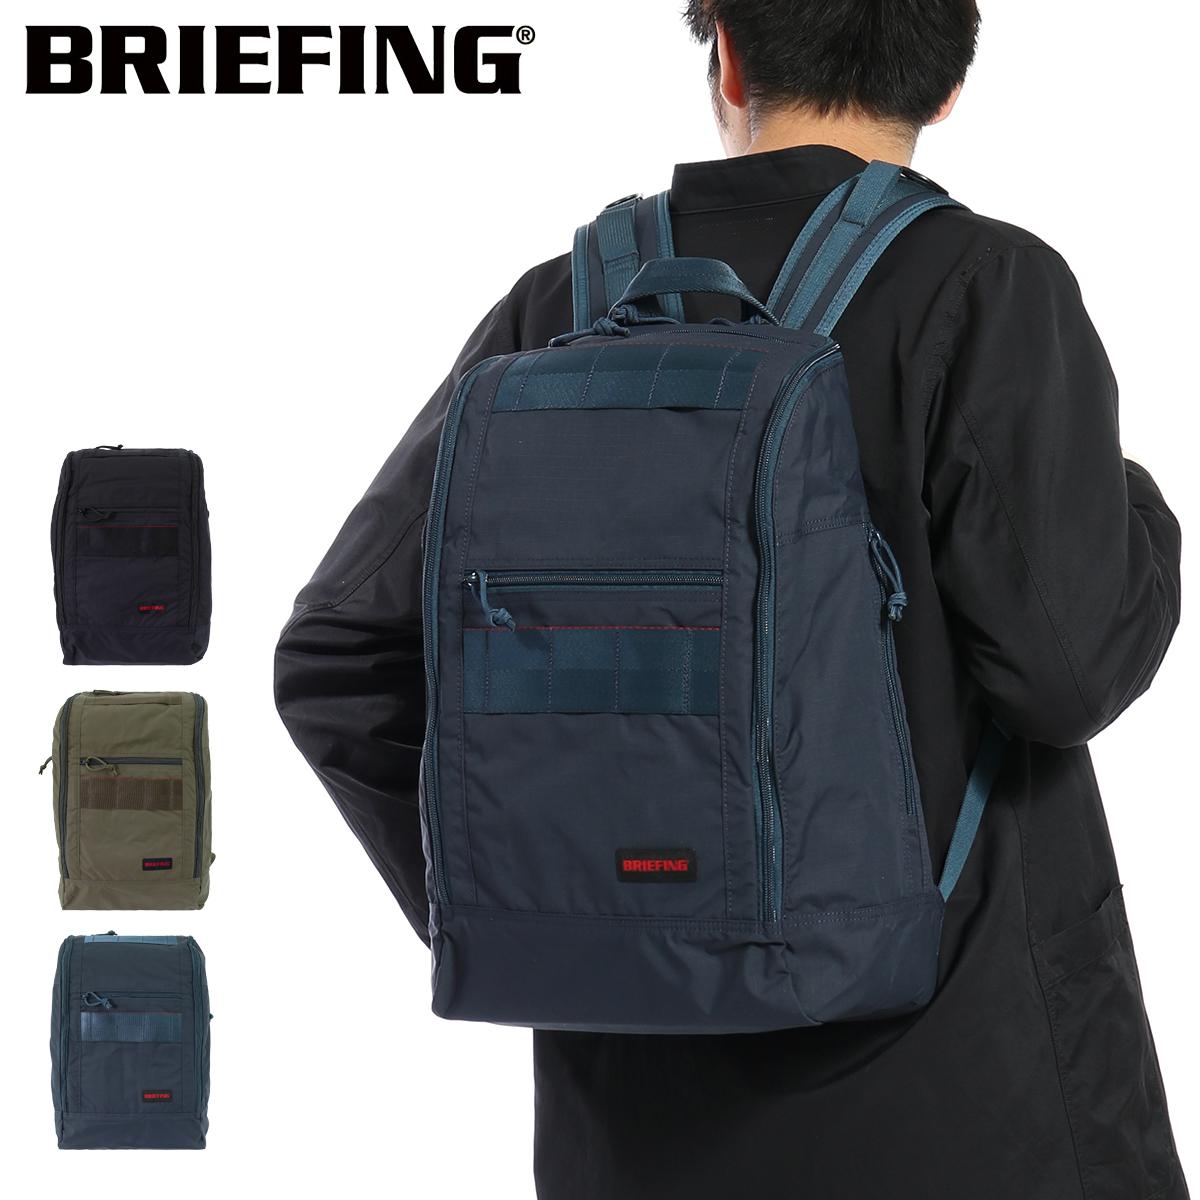 ブリーフィング リュック MODULEWARE メンズ BRM183101 BRIEFING | リュックサック[即日発送][PO10]